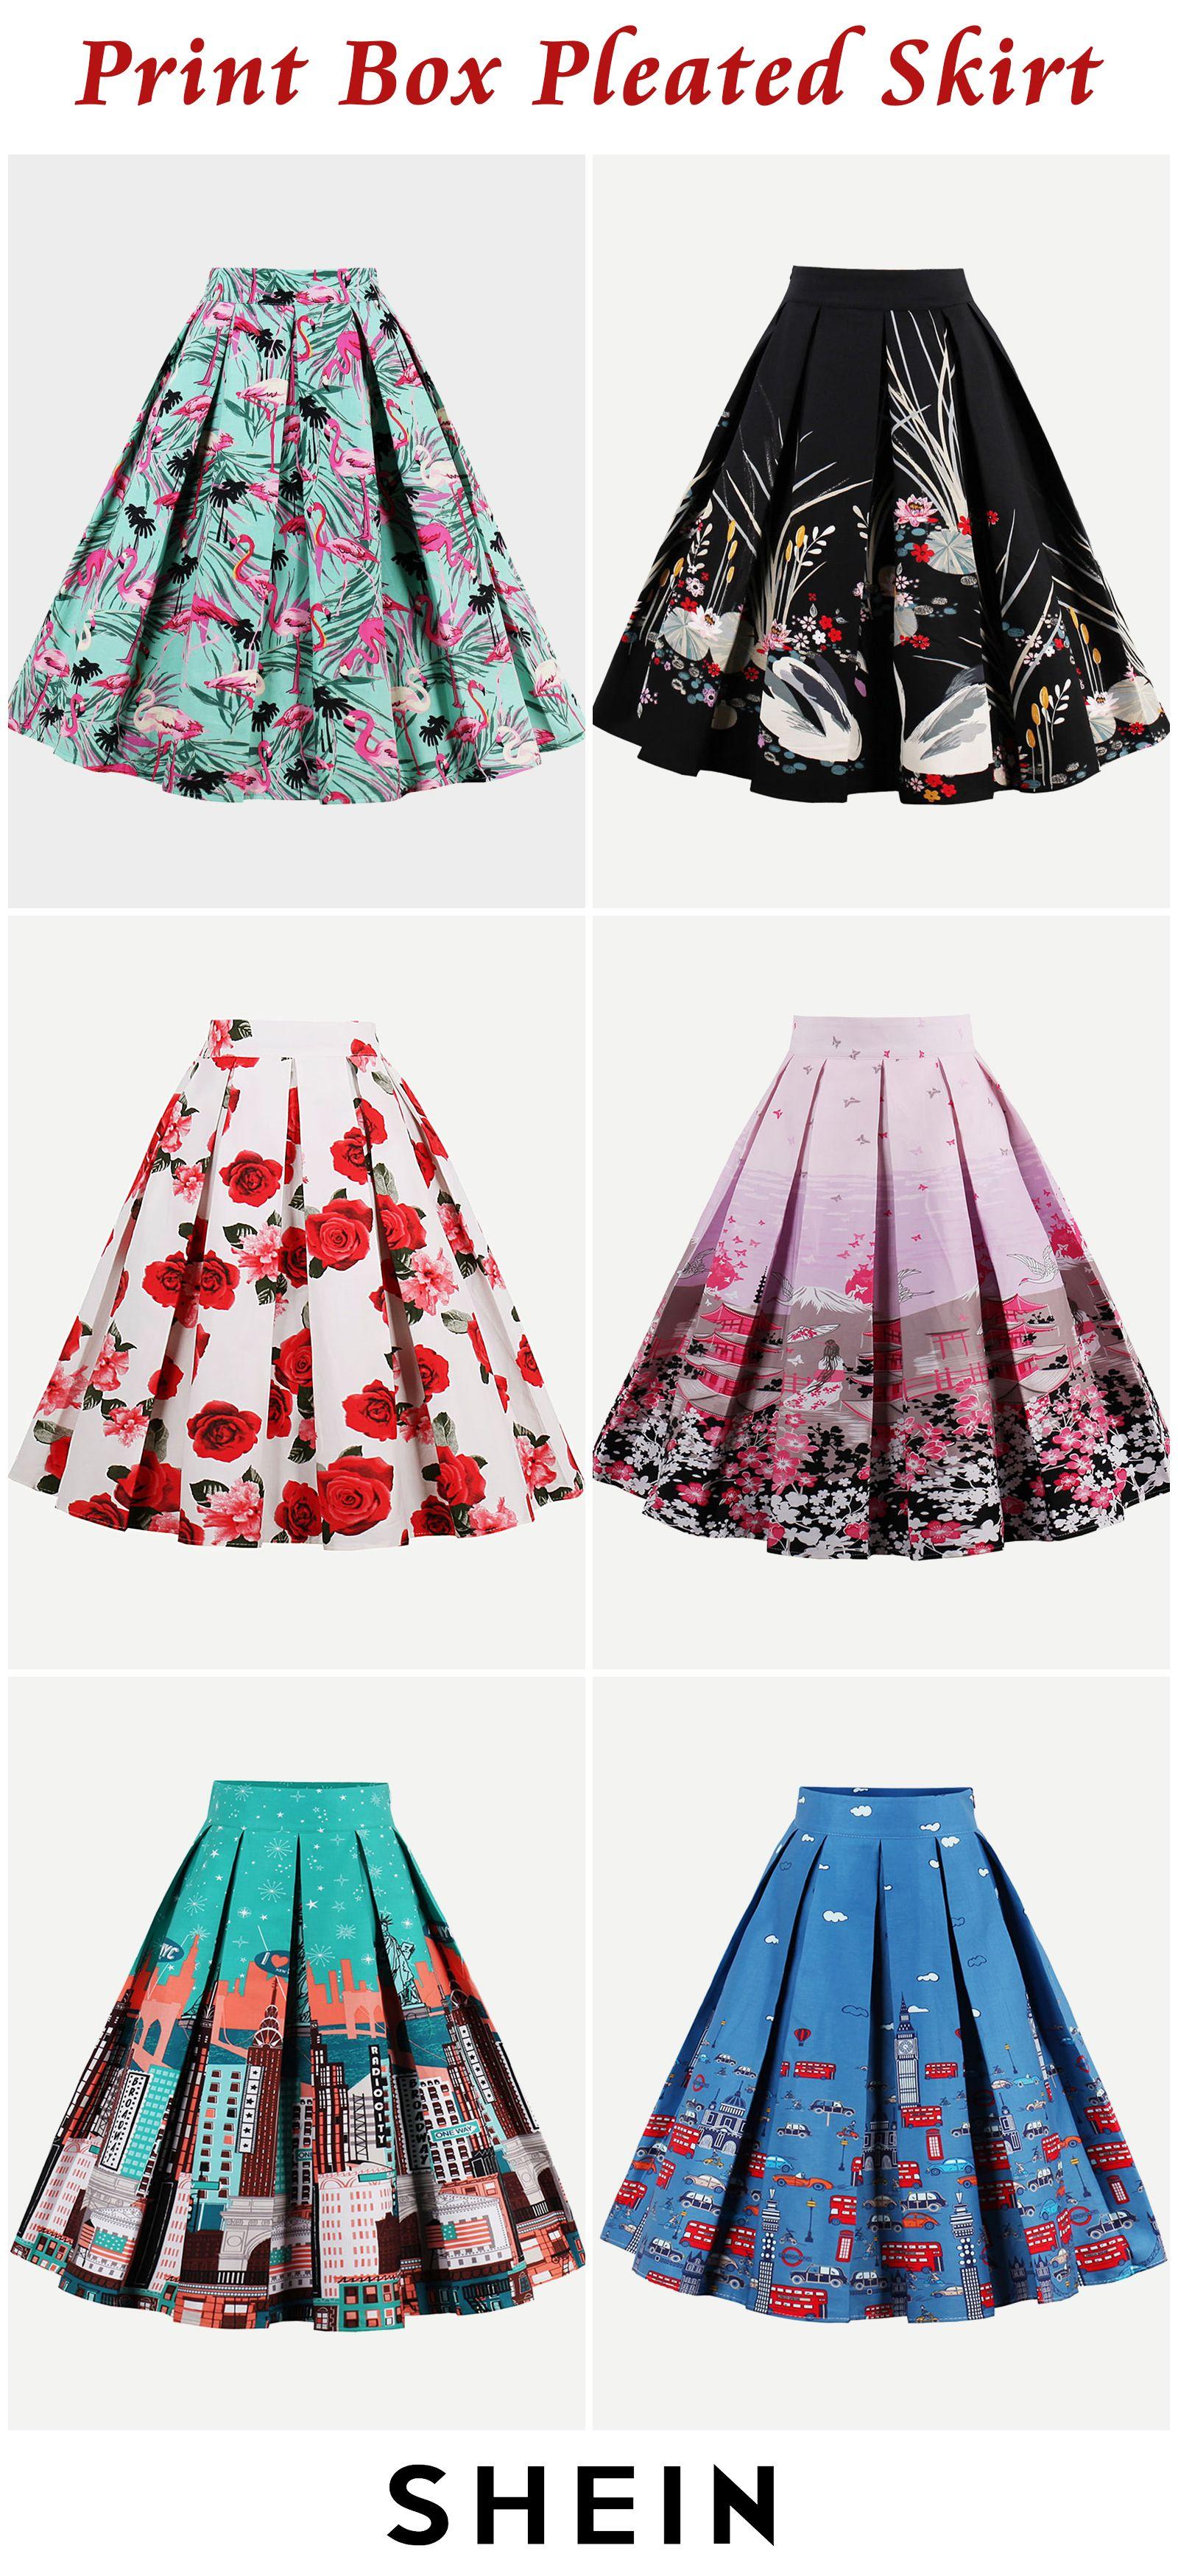 Print Box Pleated Skirt Pleated Skirt Diy Pleats Fashion Pretty Prom Dresses